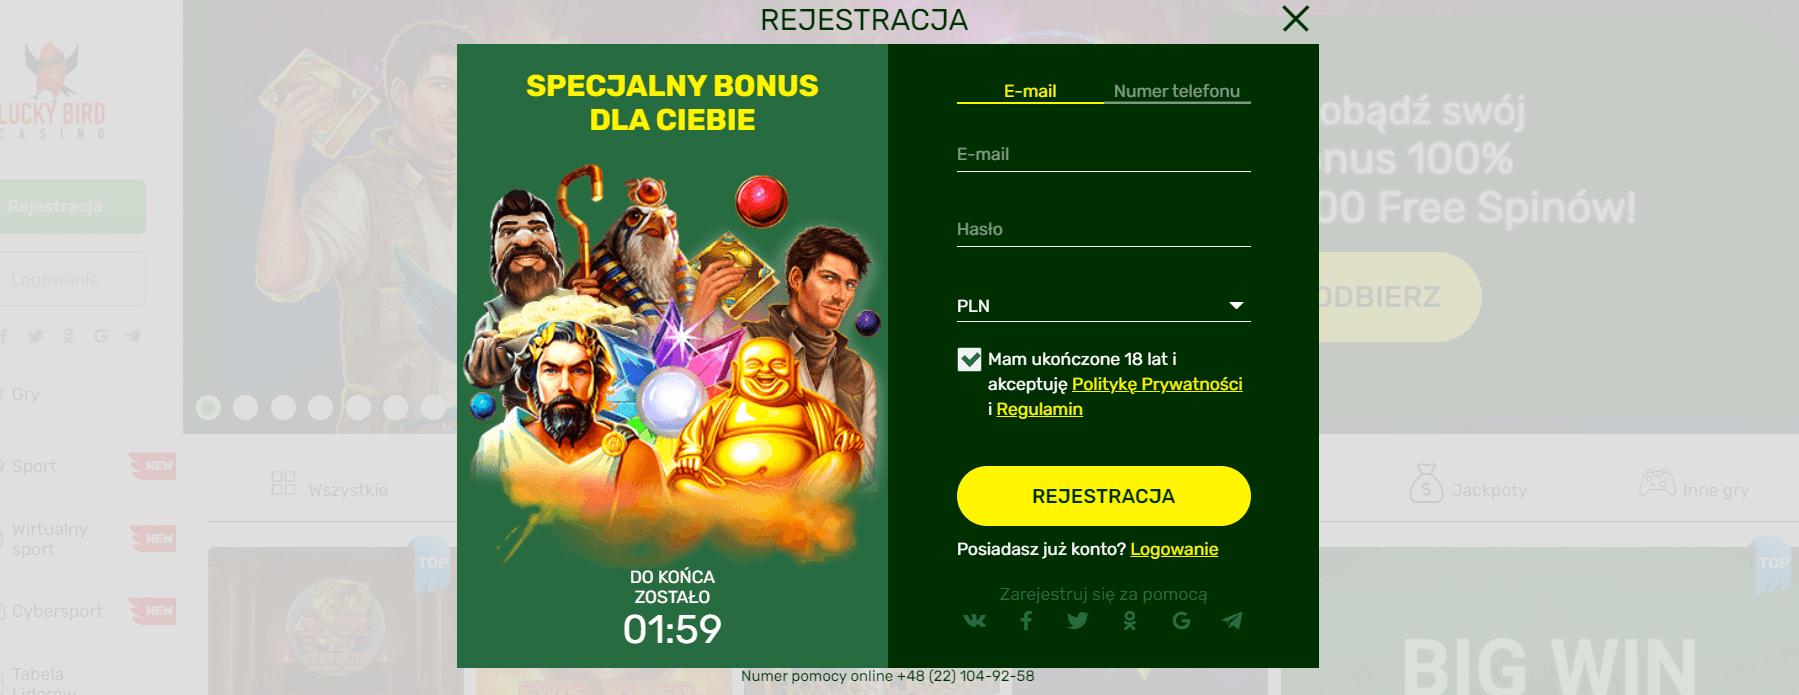 lucky bird casino rejestracja i logowanie screenshot